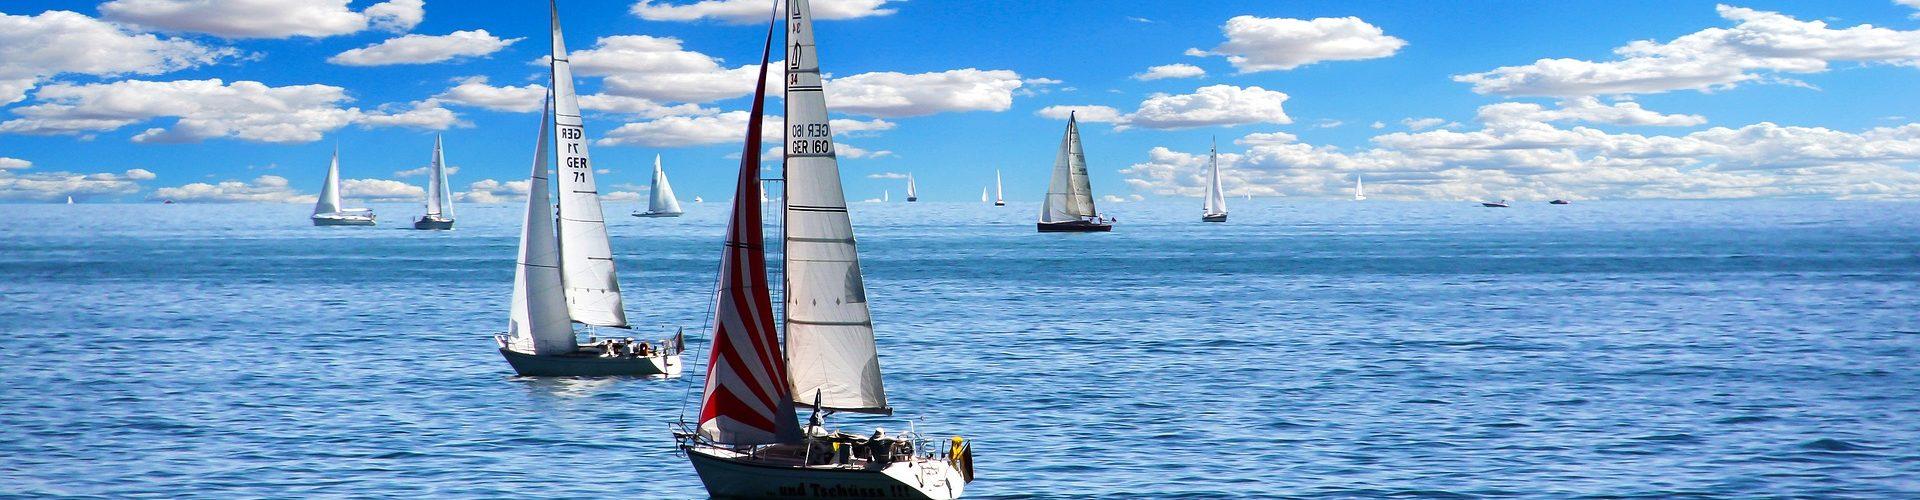 segeln lernen in Berne segelschein machen in Berne 1920x500 - Segeln lernen in Berne